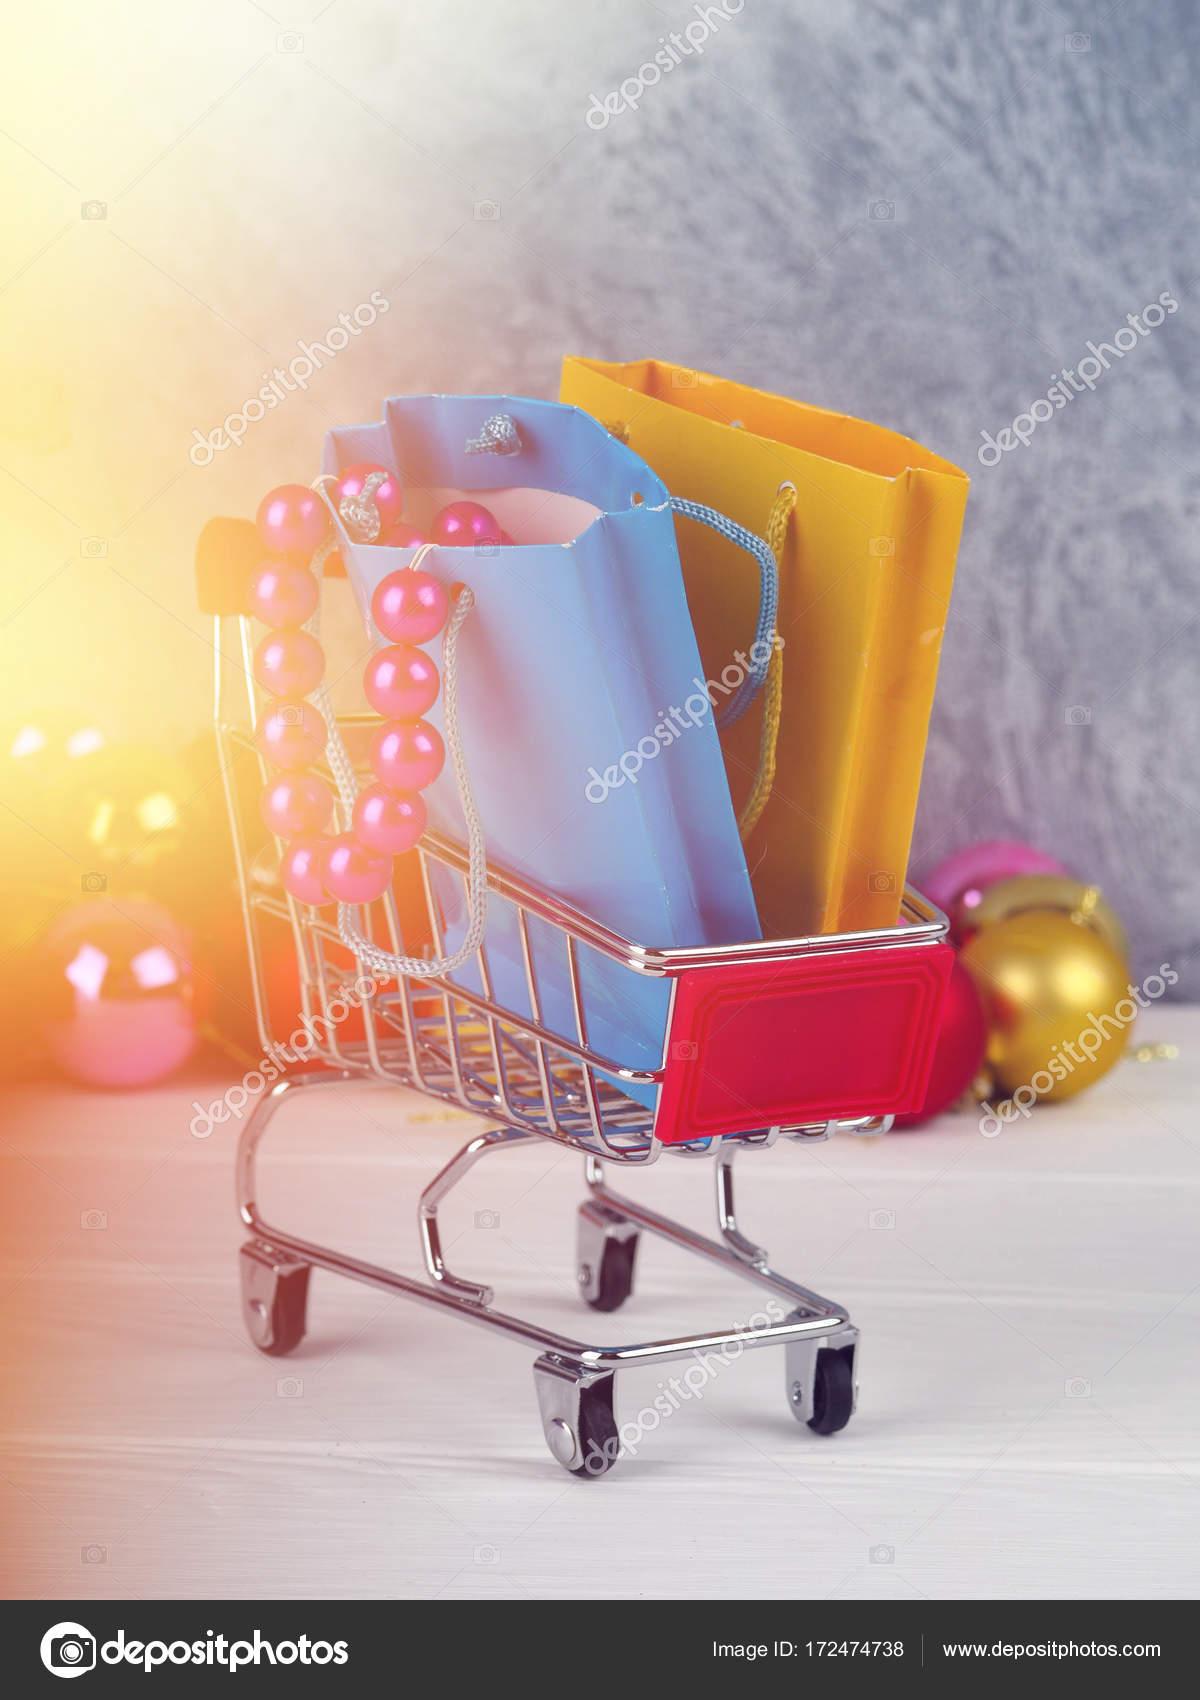 Weihnachten Rabatt, wenig Einkaufswagen voller Weihnachtsgeschenke ...